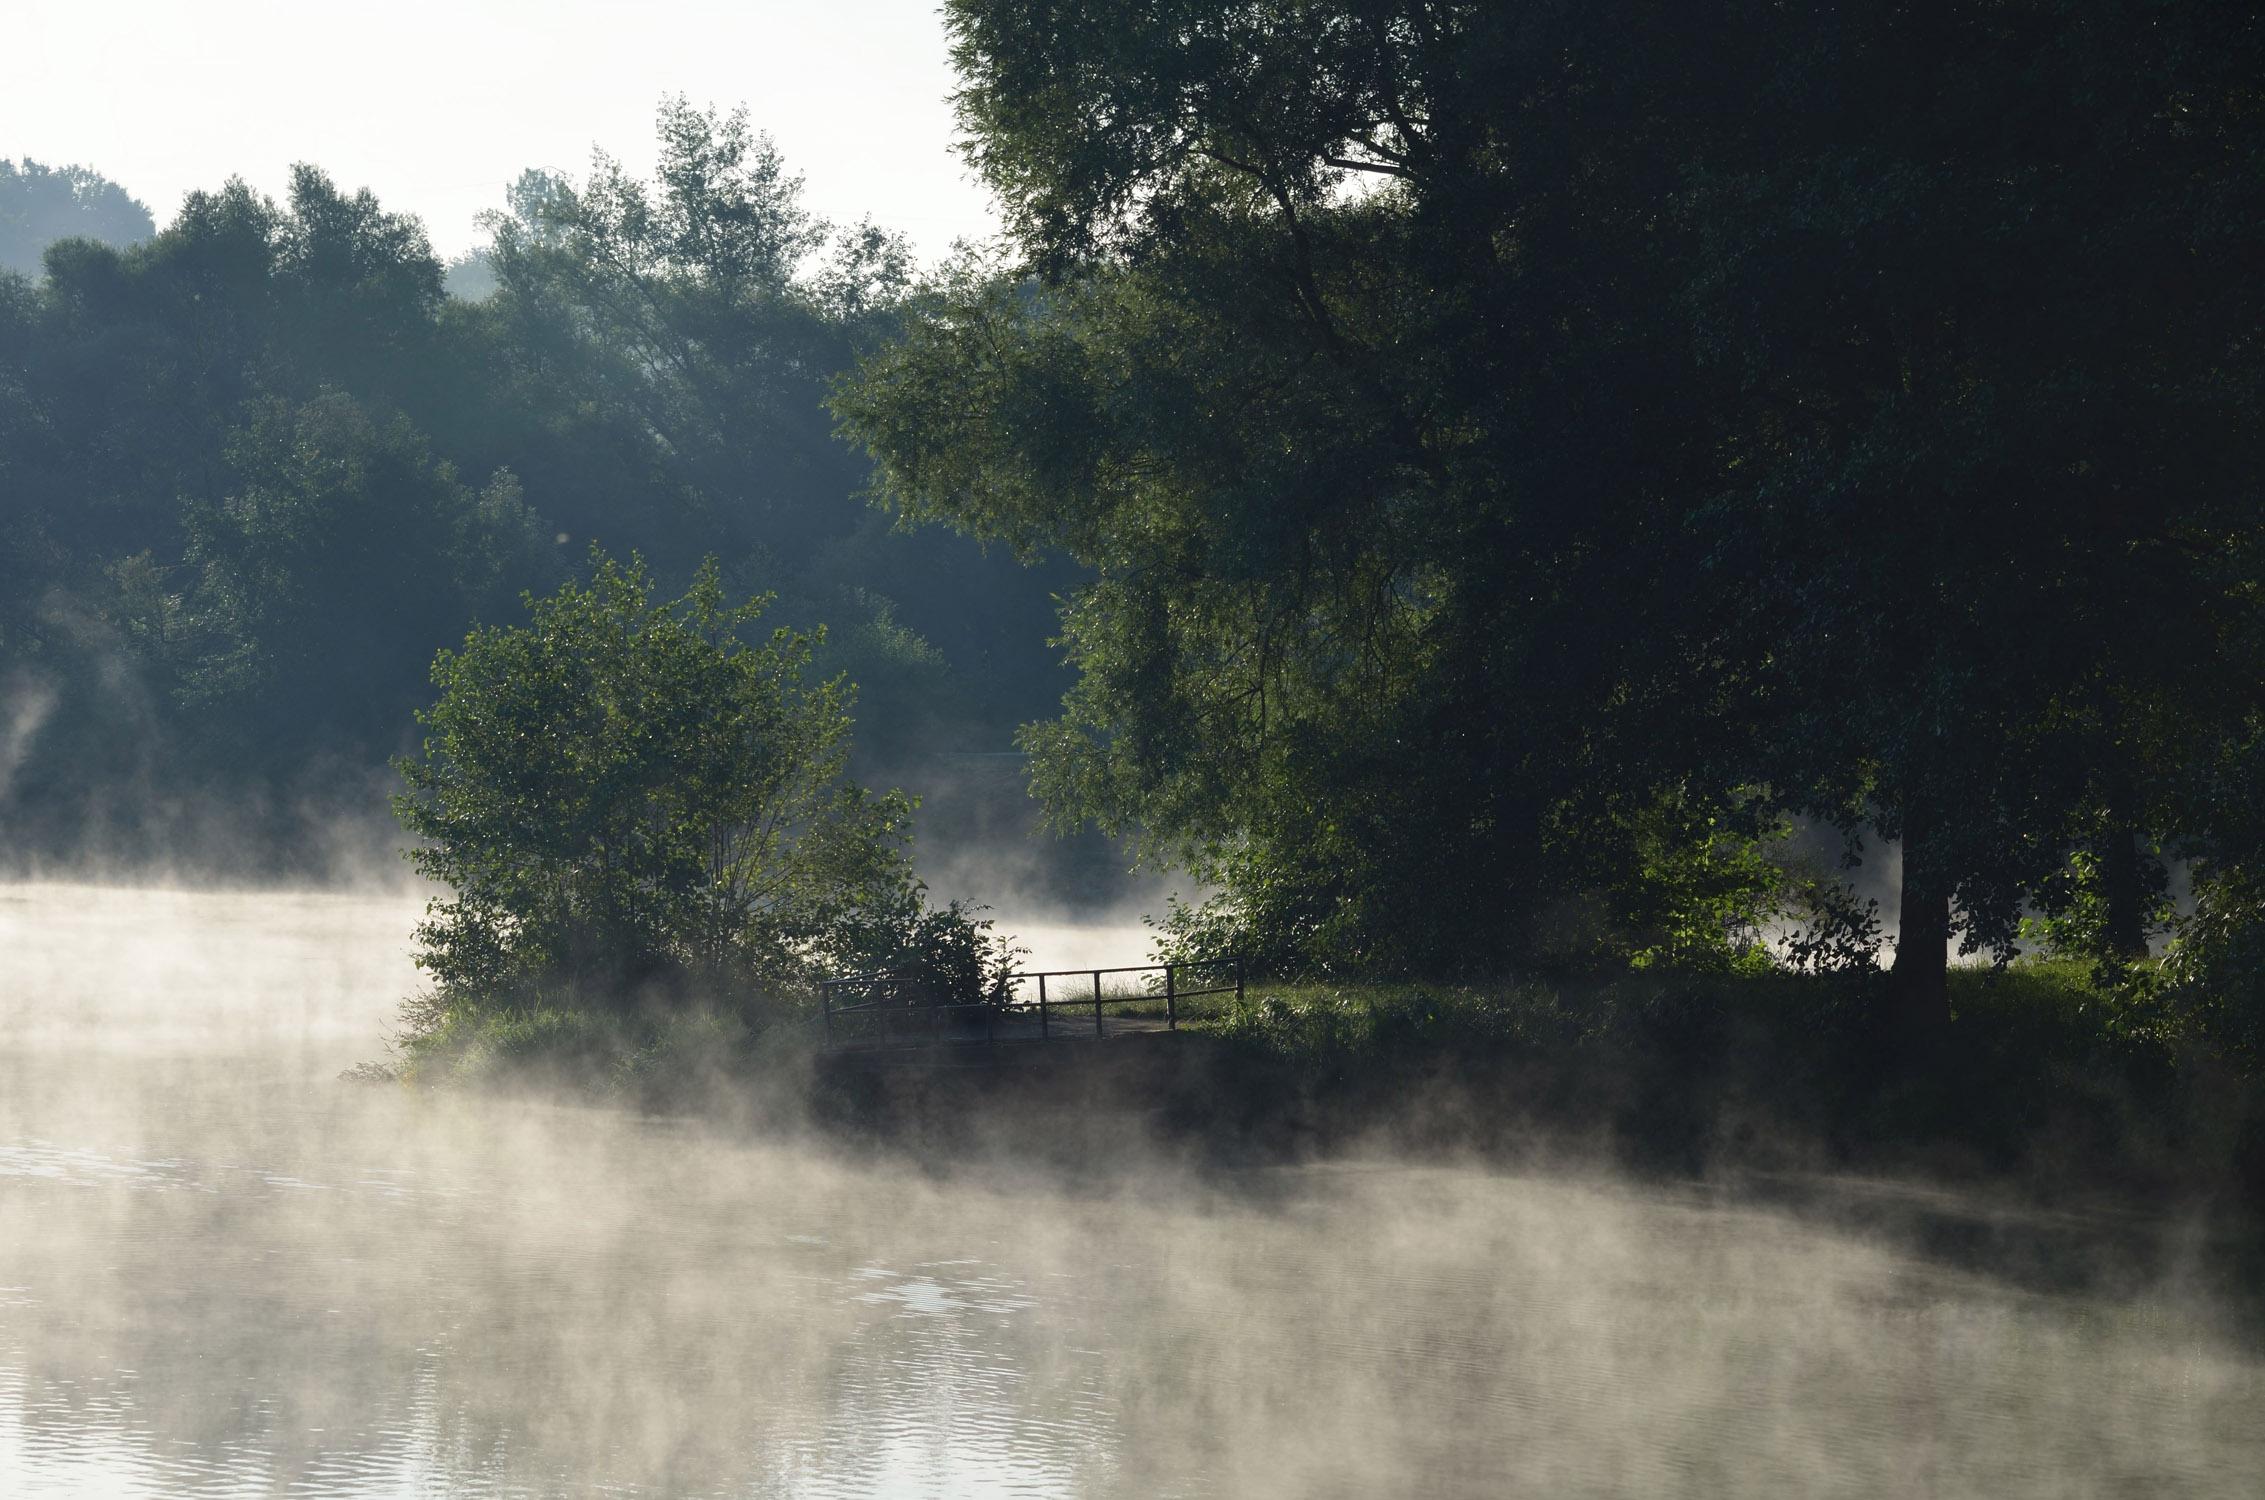 Quiétude-Etangs-Toul-Chaudeney-Août-2013-61